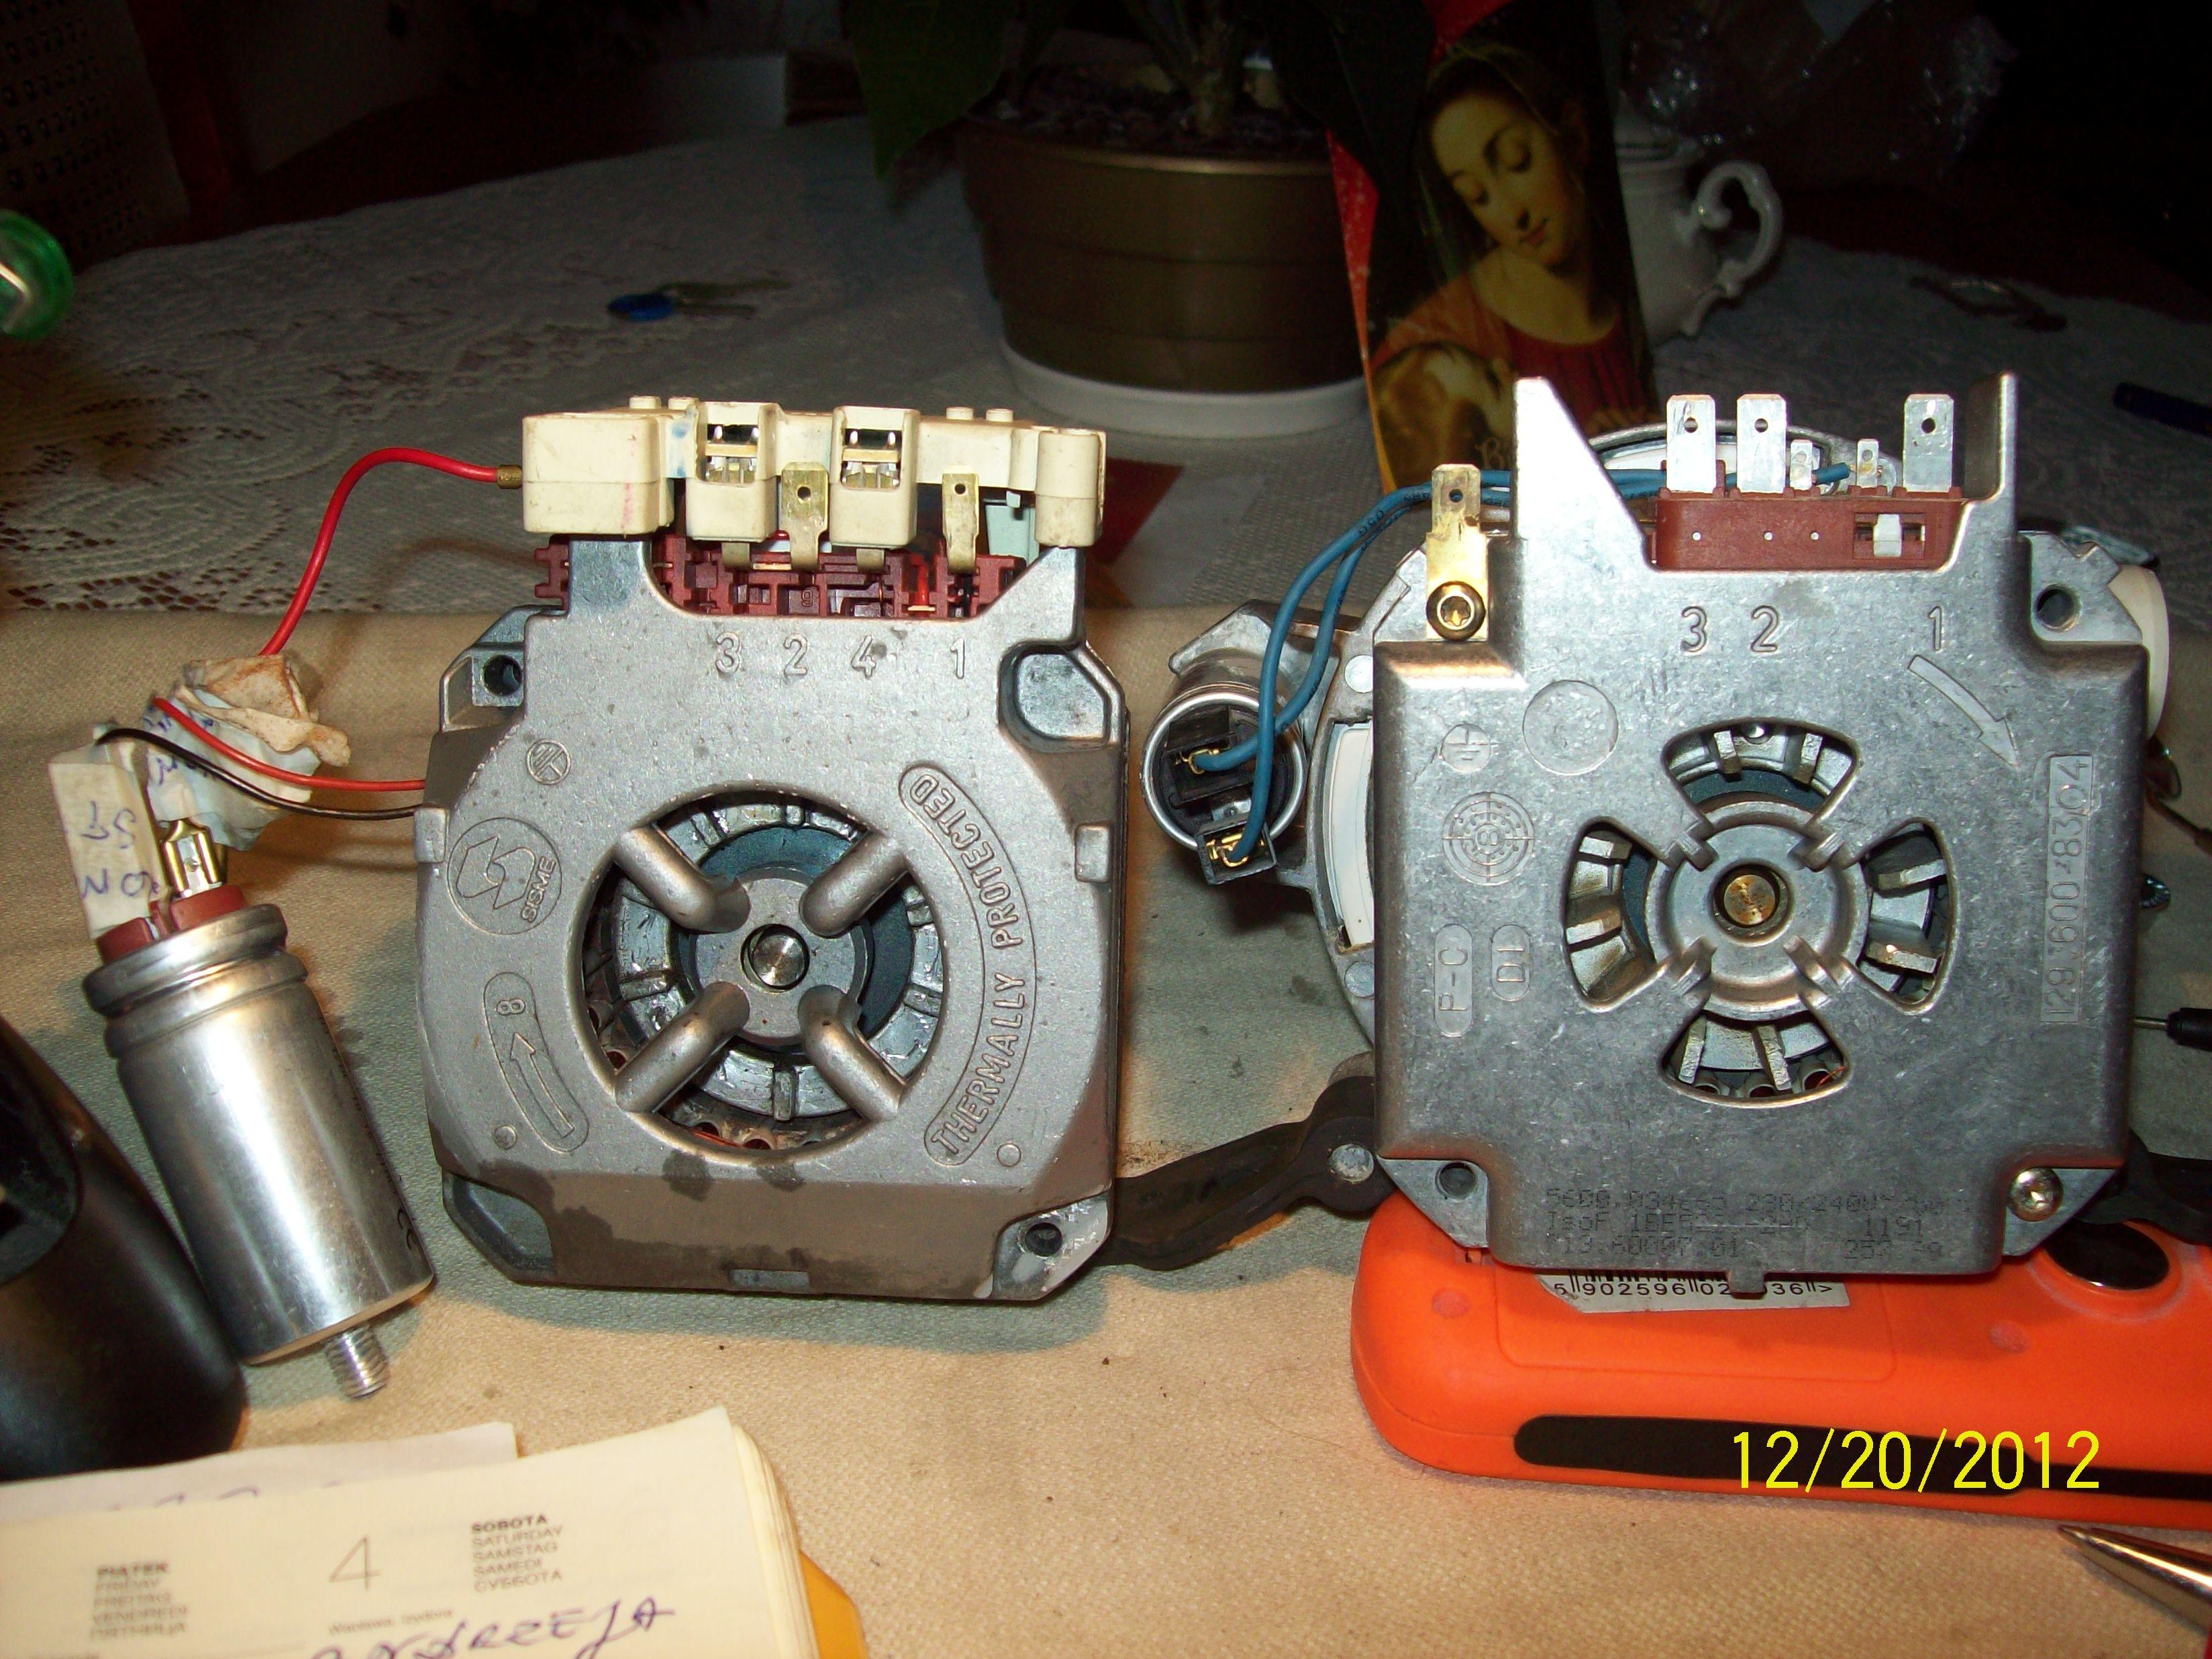 Zmywarka SIEMENS SF55A560  - Nie pobiera wody do komory mycia ,brak dzia�ania.